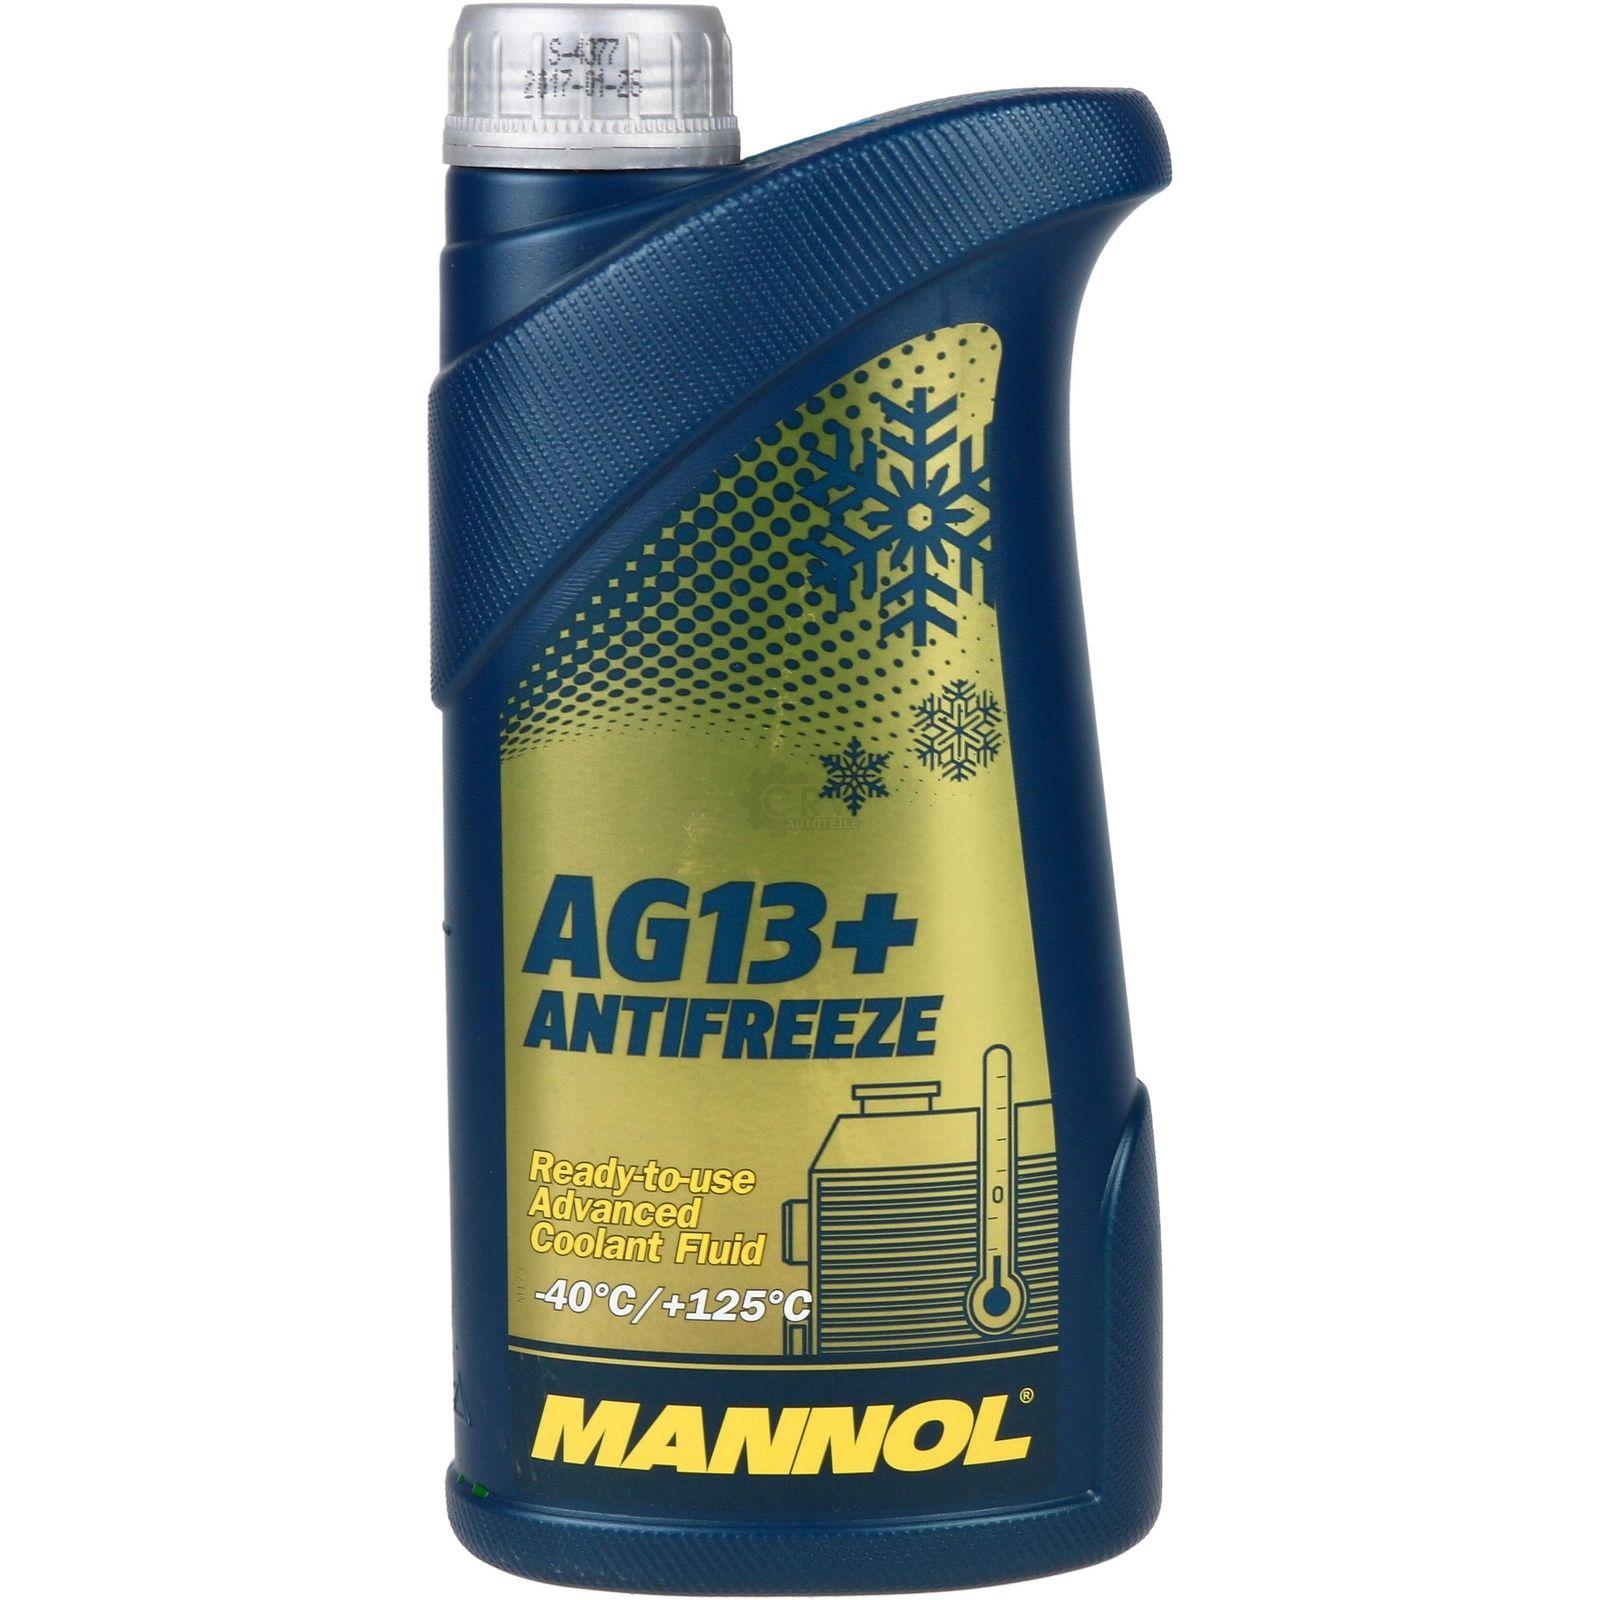 Антифриз ADVANCED ANTIFREEZE AG13+, -40°C, 1 л